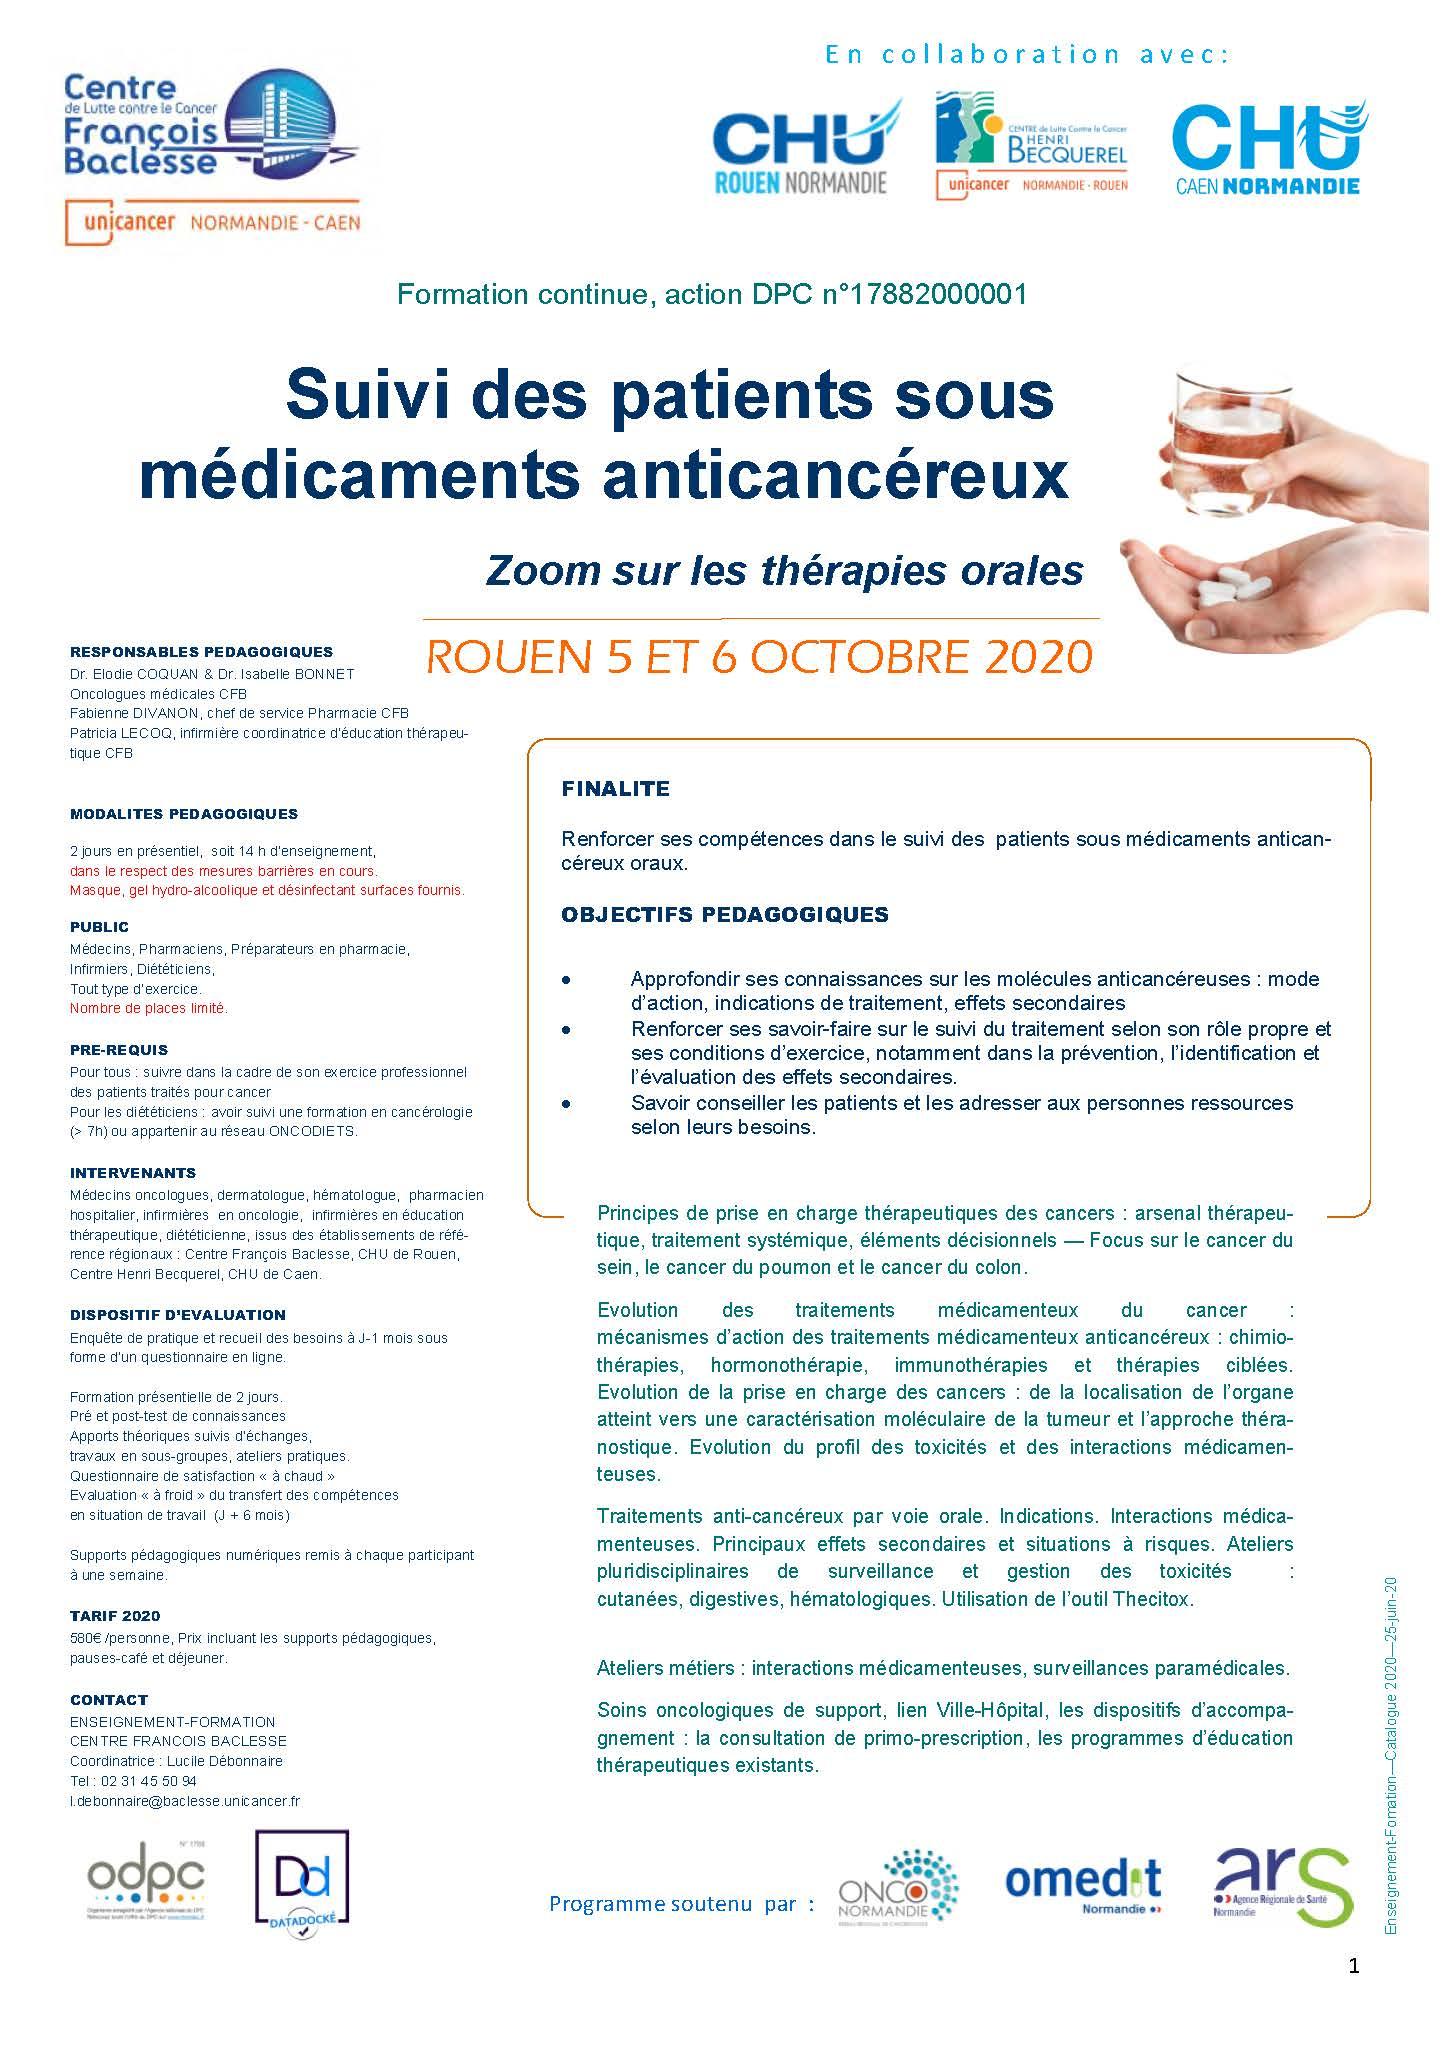 SUIVI DES PATIENTS SOUS MEDICAMENTS ANTICANCEREUX ROUEN2020 - Suivi des patients sous médicaments anticancéreux, zoom sur les thérapies orales